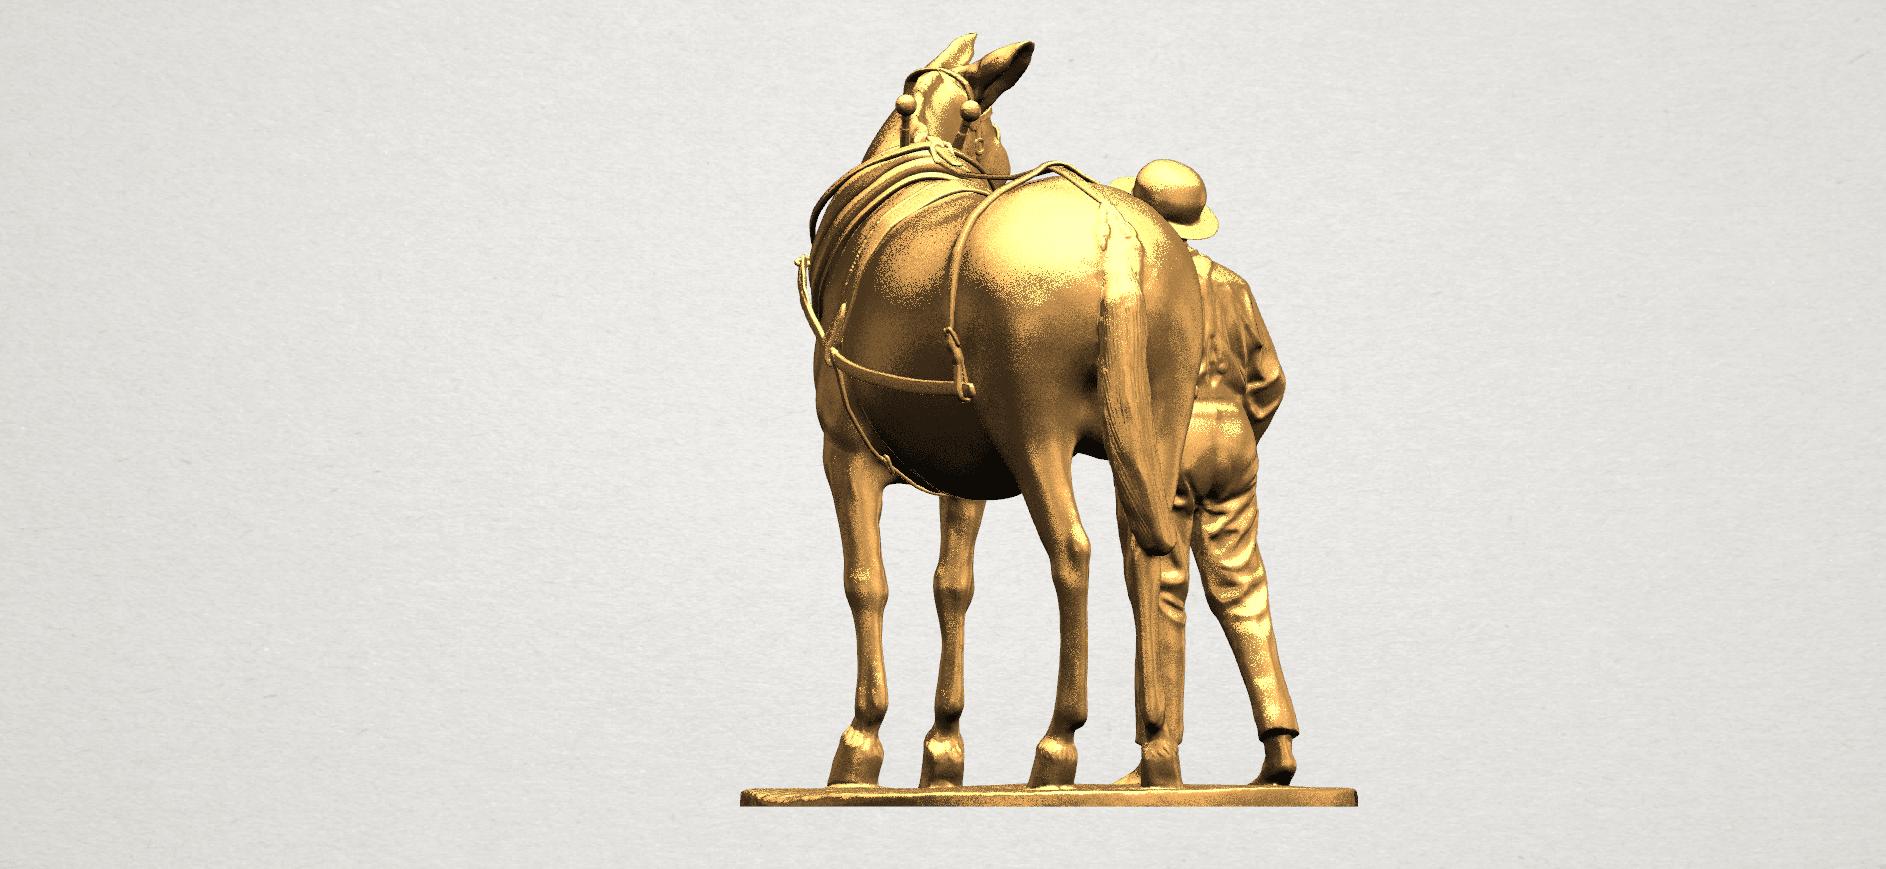 Horse with Man (i) - A05.png Télécharger fichier STL gratuit Cheval avec Man 01 • Objet à imprimer en 3D, GeorgesNikkei